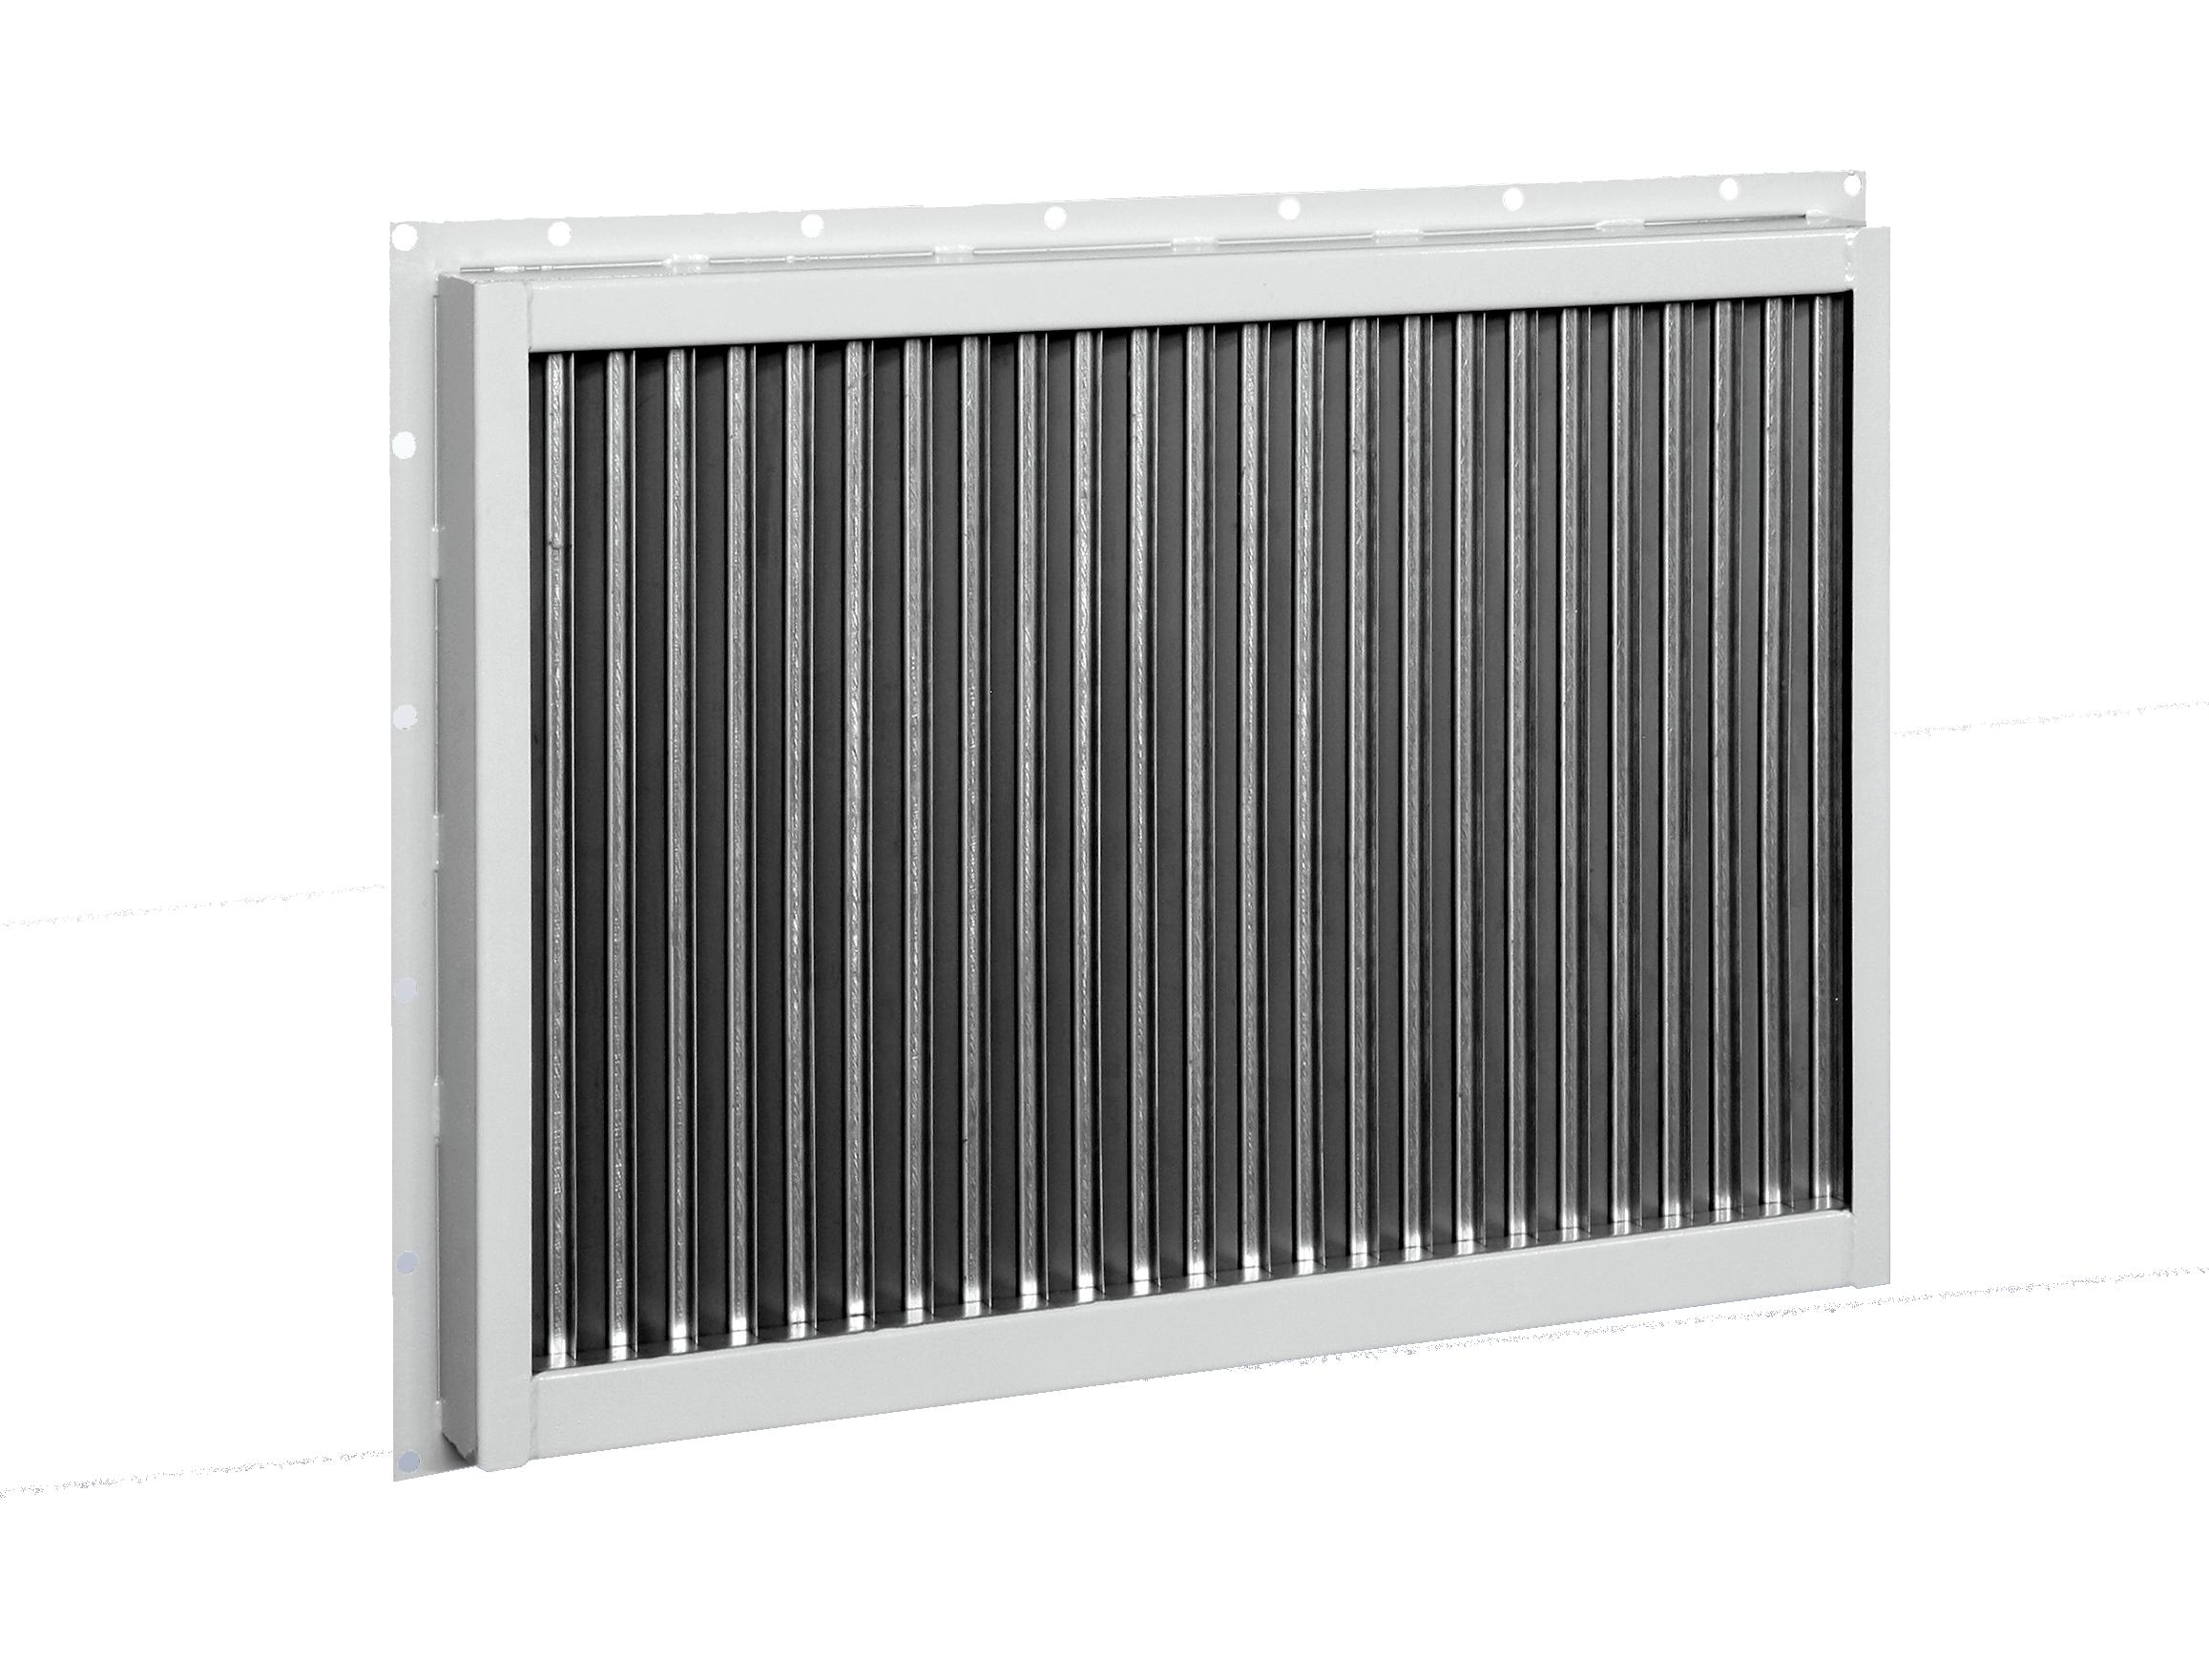 Duct Mist Eliminator : Df mist eliminator products munters